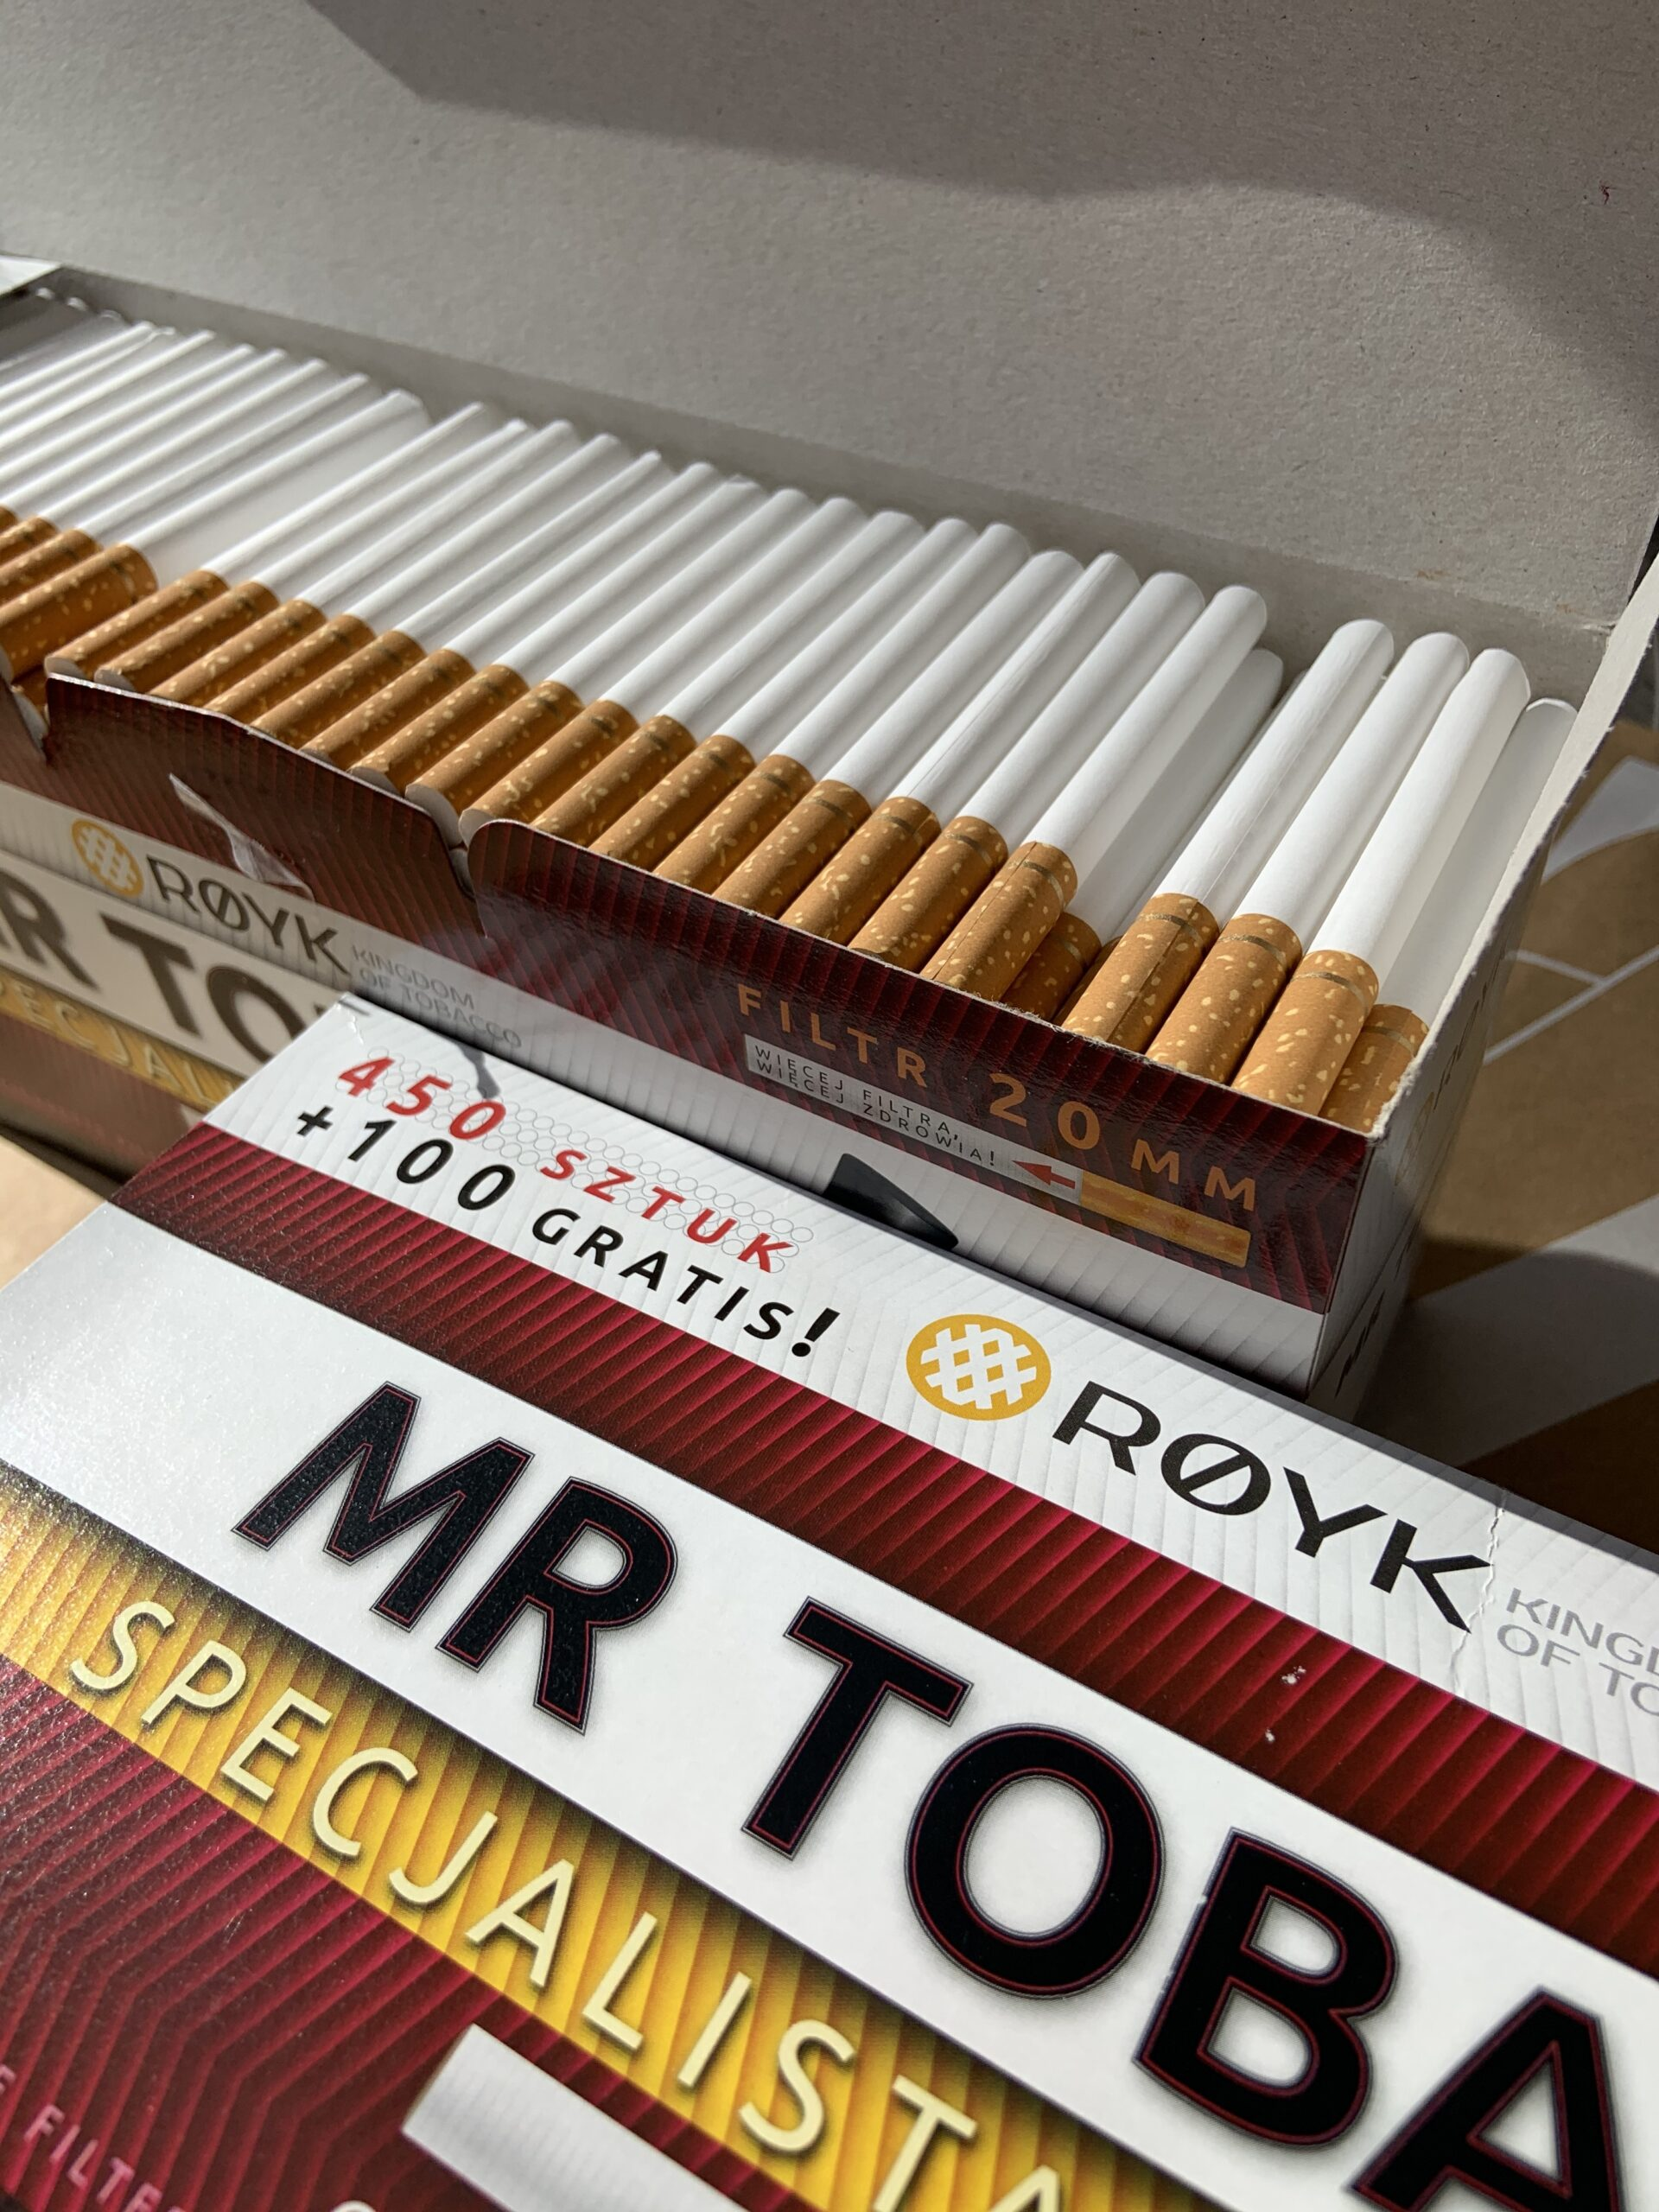 Опт от производителя табачных изделий жидкости для электронных сигарет екатеринбург оптом